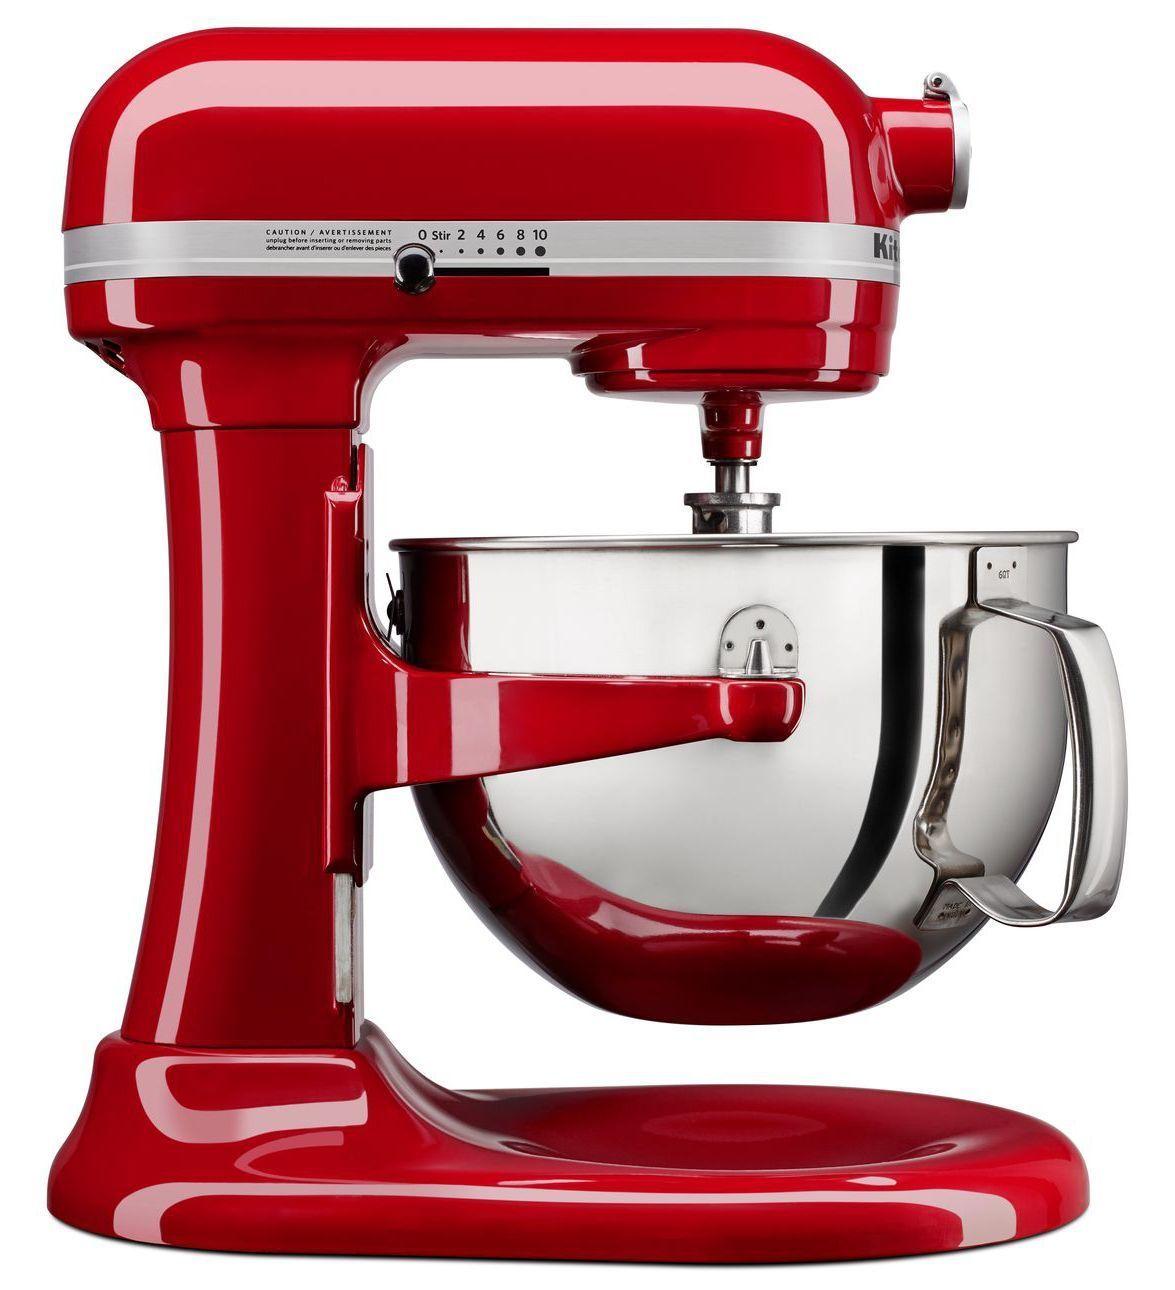 KitchenAid Professional 6 Qt Mixer ( KL26M1X) for $224.99 + tax (Free S/H) $224.49